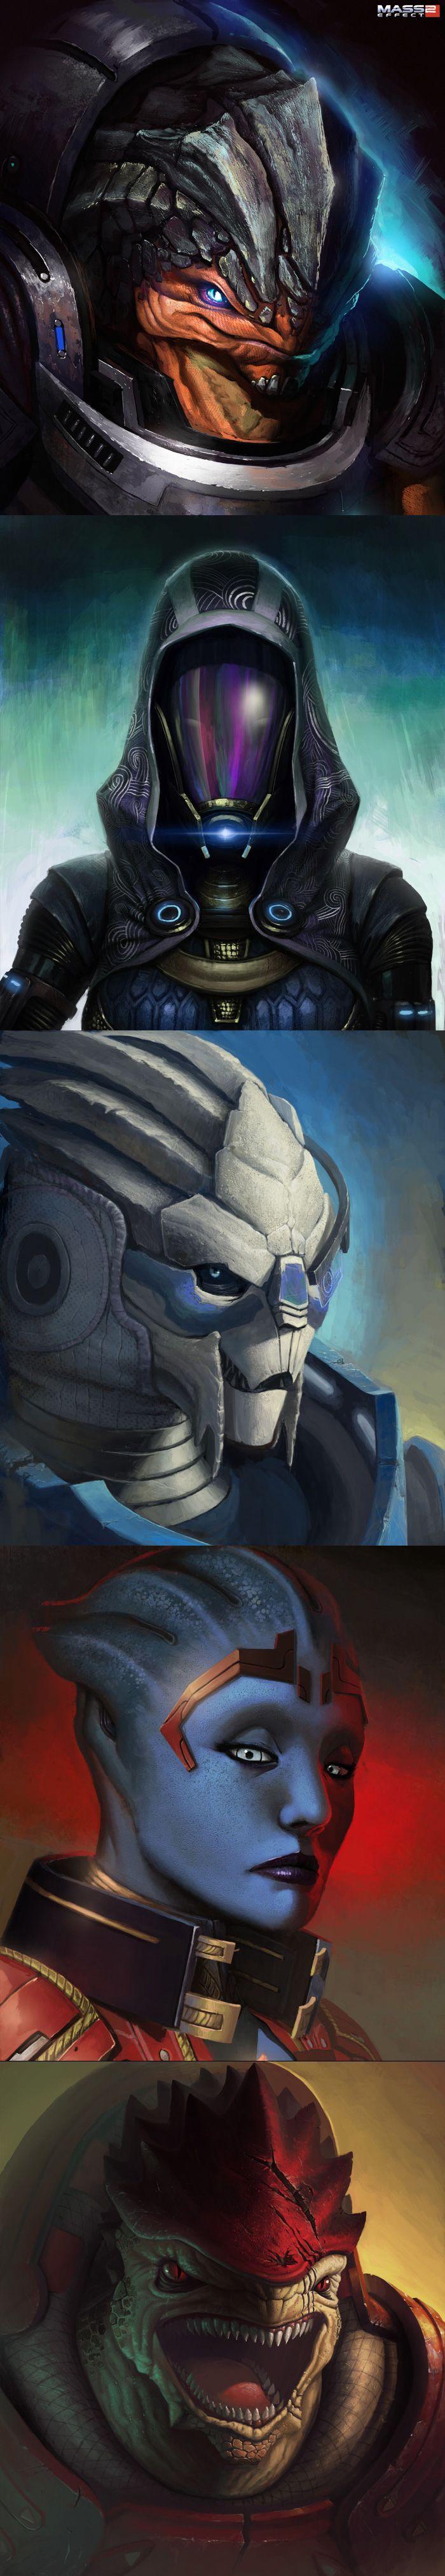 Mass Effect 2 - Les portraits de Luc De Haan